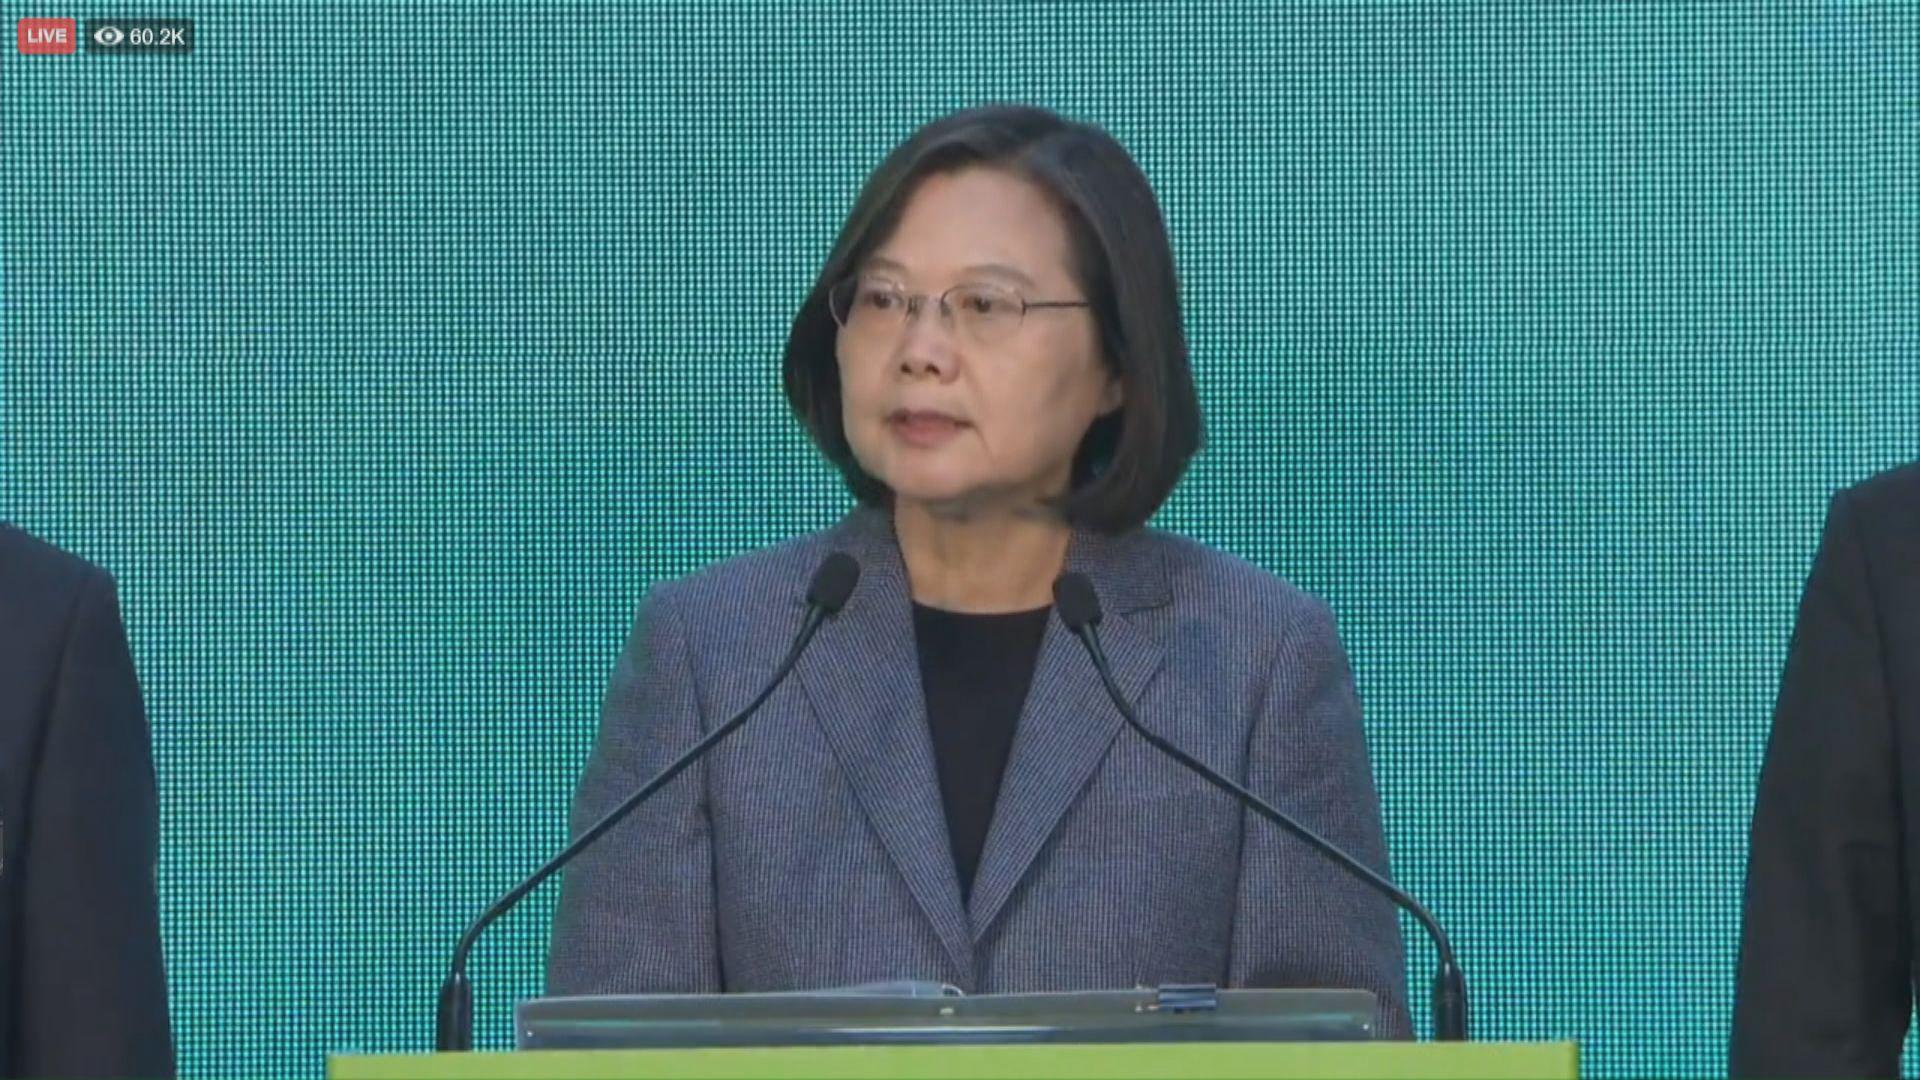 蔡英文:結果代表台灣人選擇民主自由道路 拒一國兩制